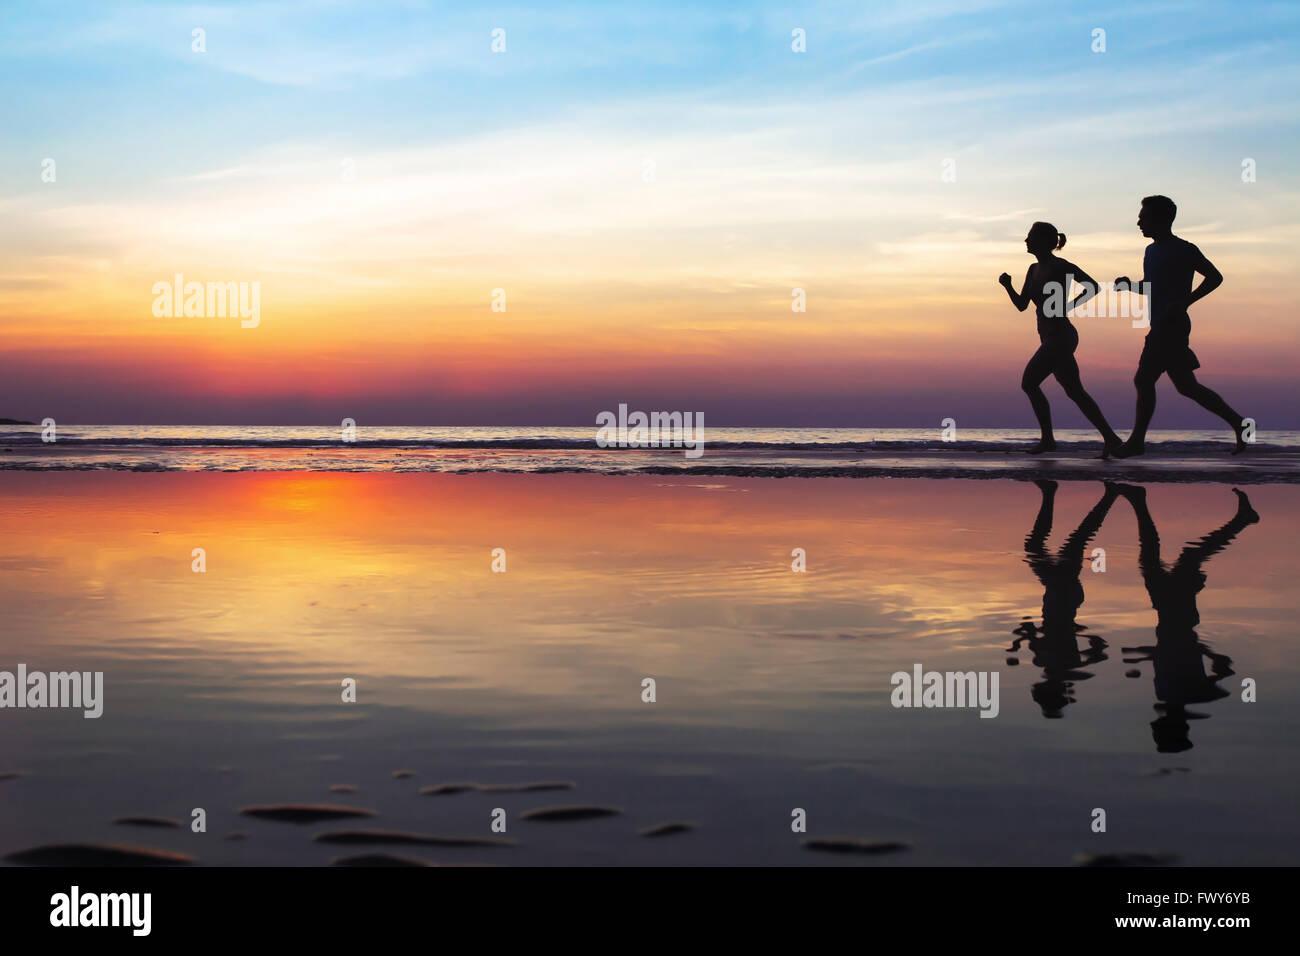 Deux coureurs sur la plage, silhouette de personnes courir au coucher du soleil, le mode de vie sain avec fond copyspace Photo Stock